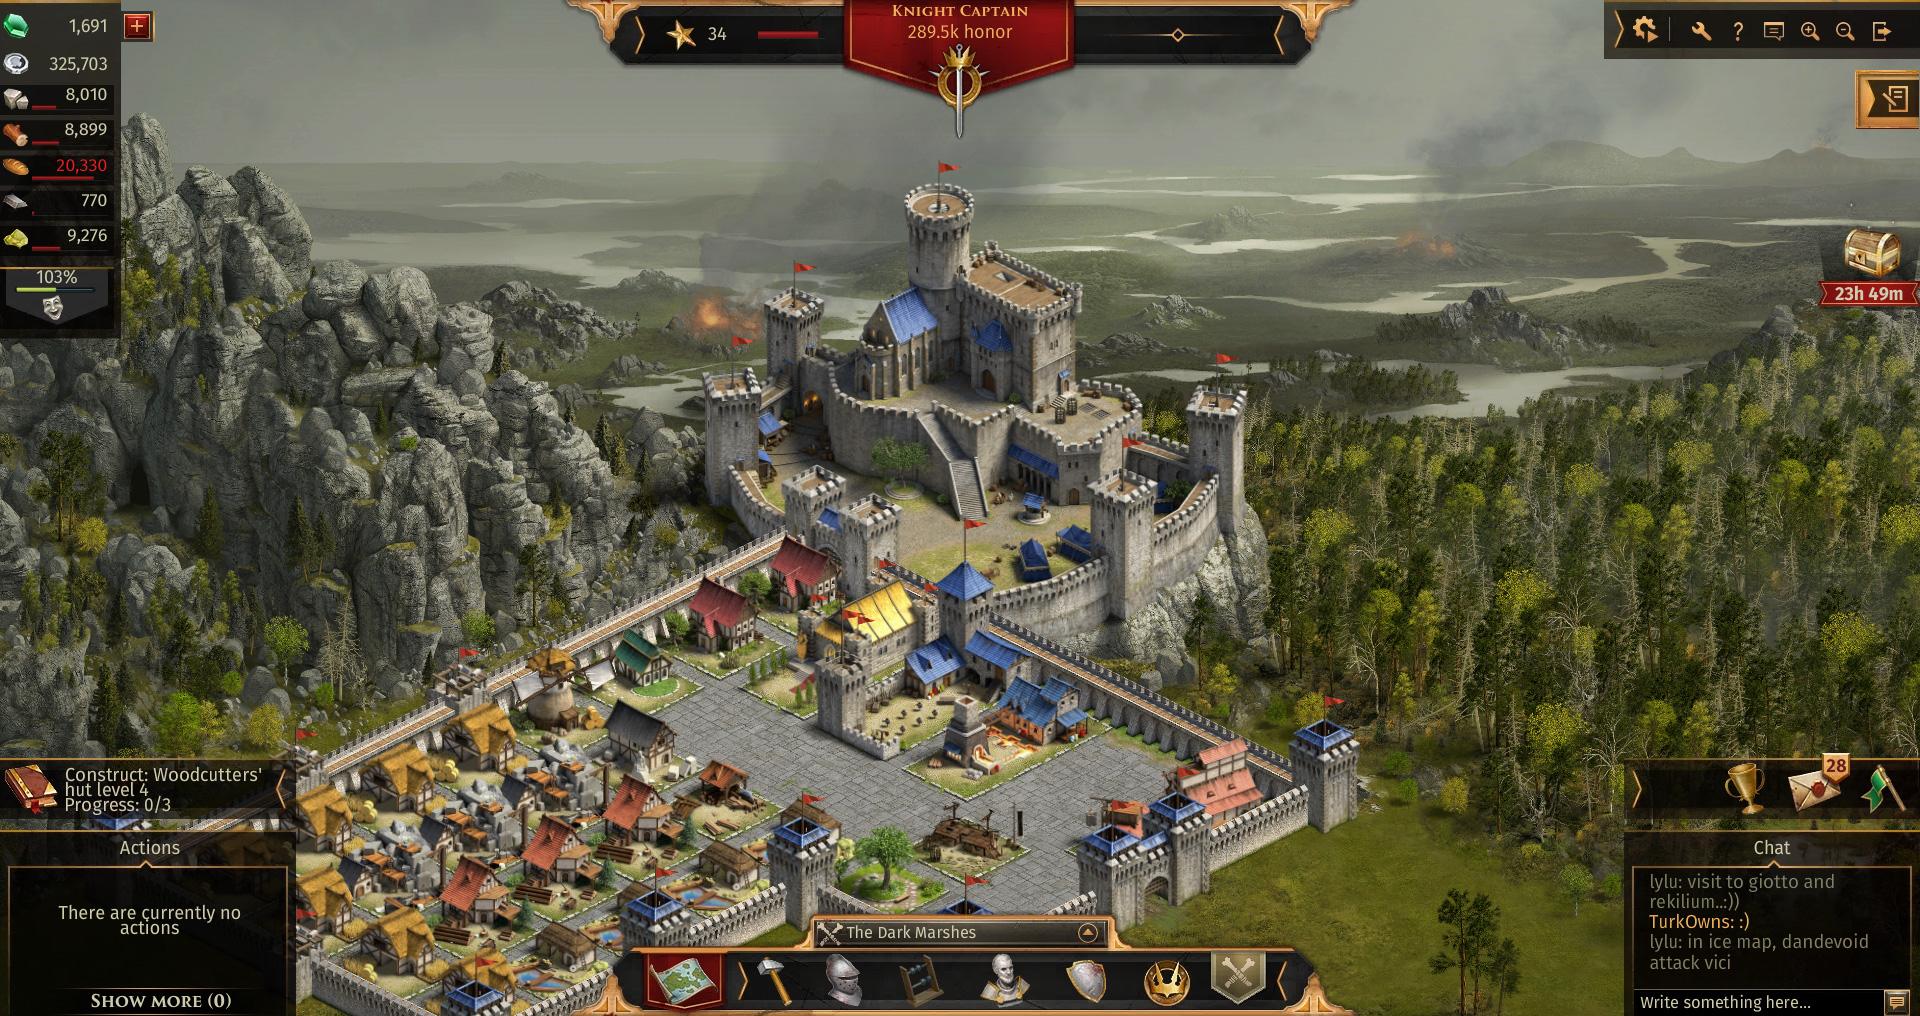 LegendsOfHonor_TheDarkMarshes_Castle